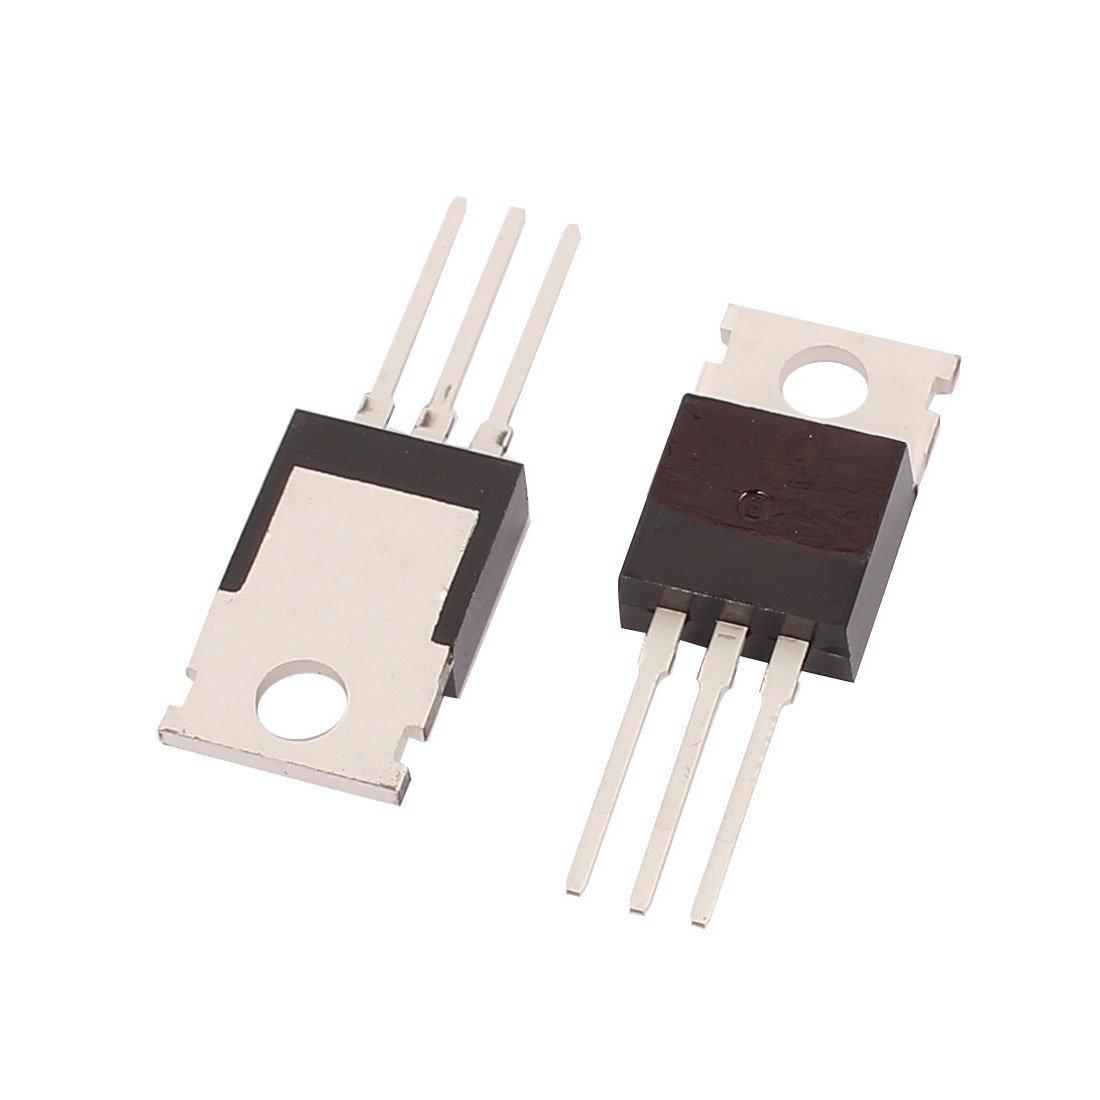 Terminali eDealMax Silicone Componente elettronica Pin Potenza ad effetto di Campo Transistor NPN BU406 50pcs